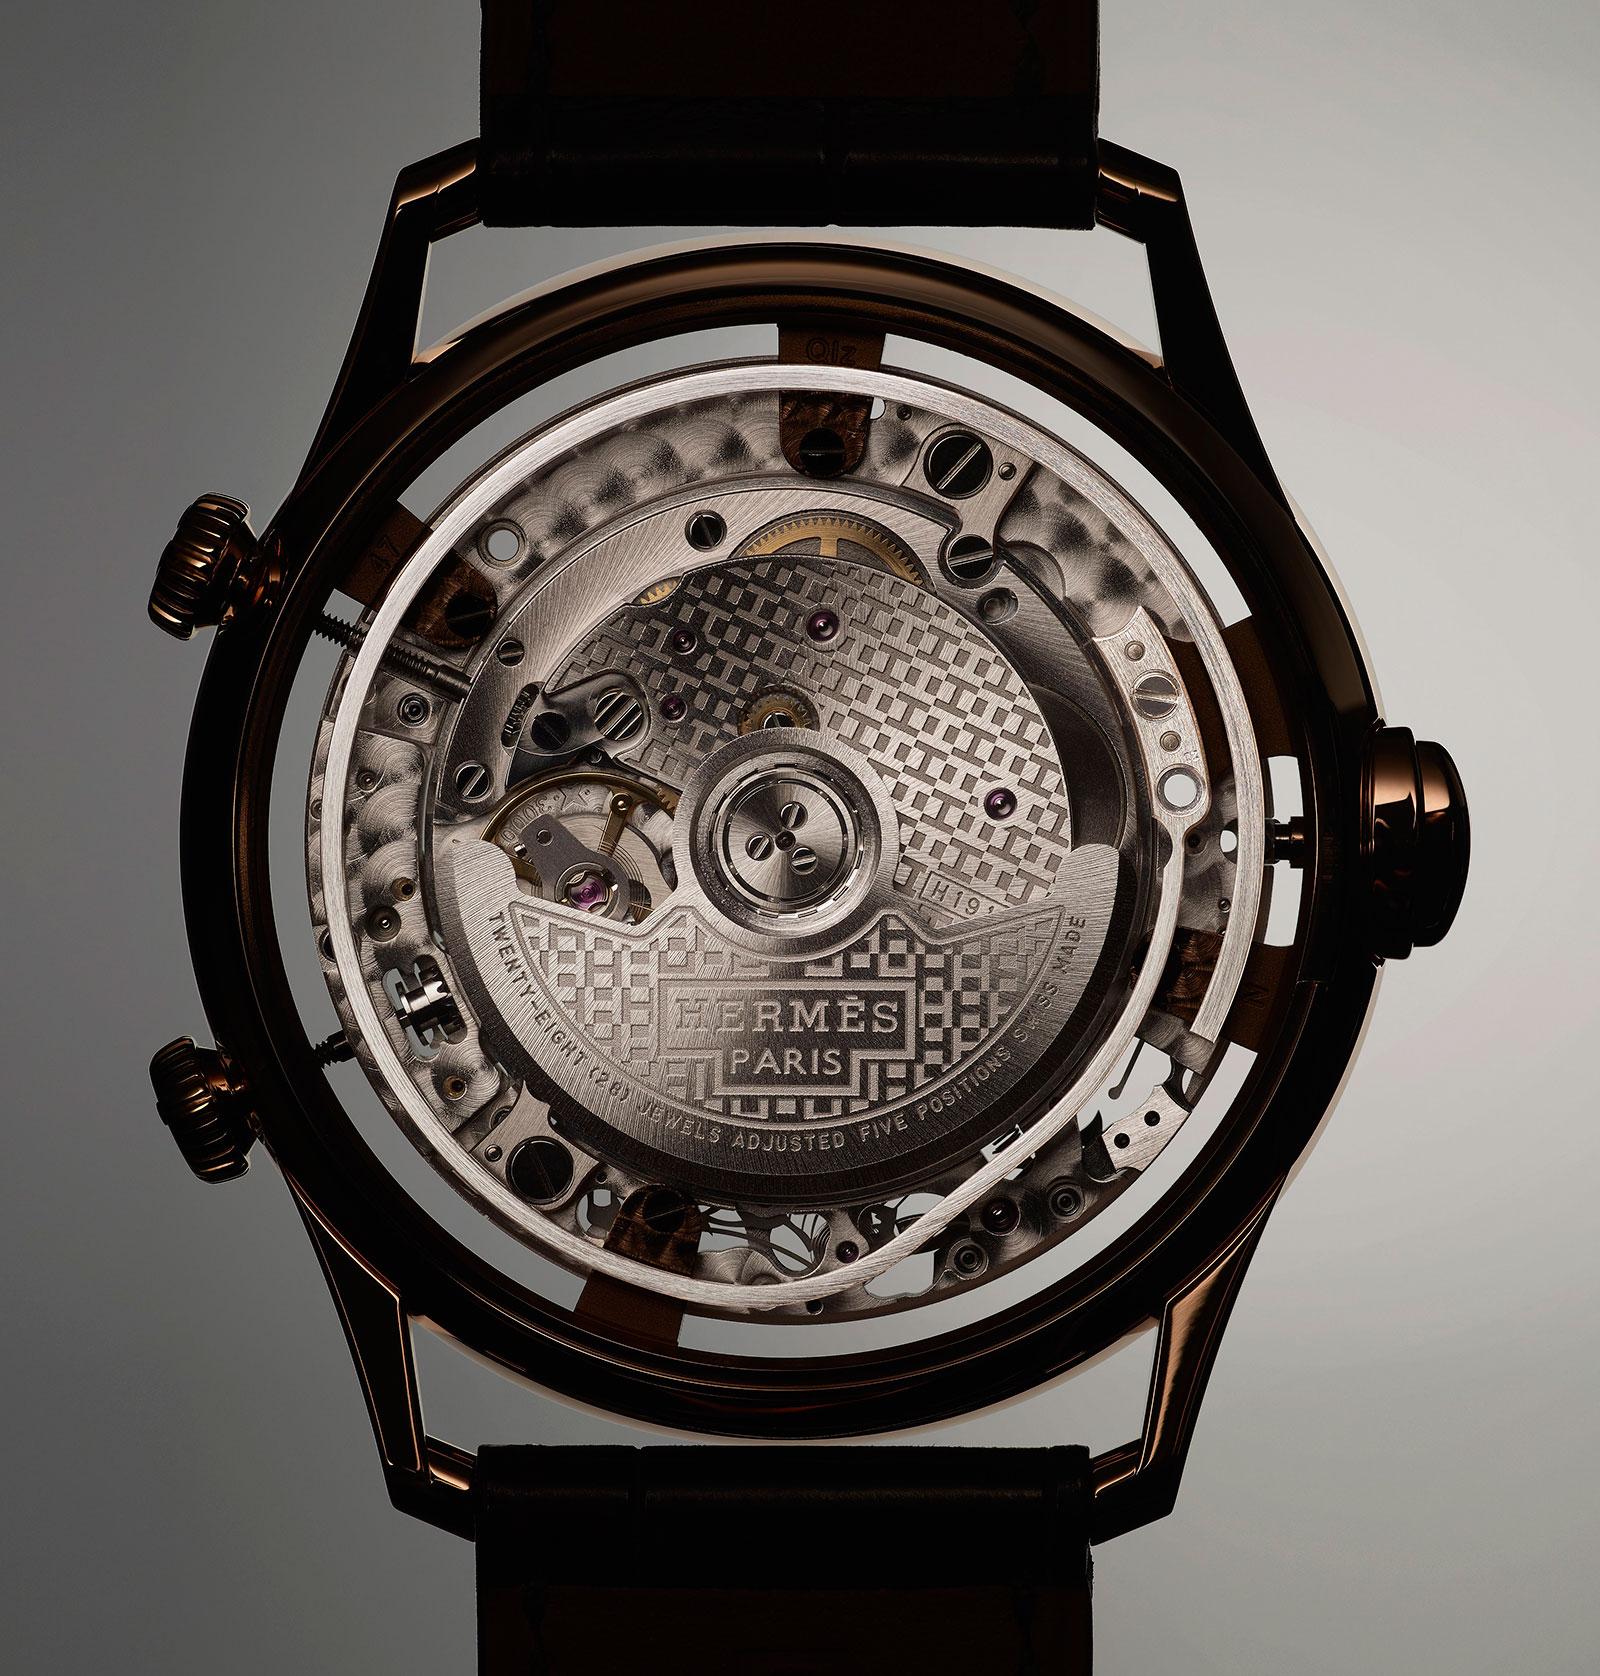 Hermes Slim d'Hermès L'heure impatiente 2